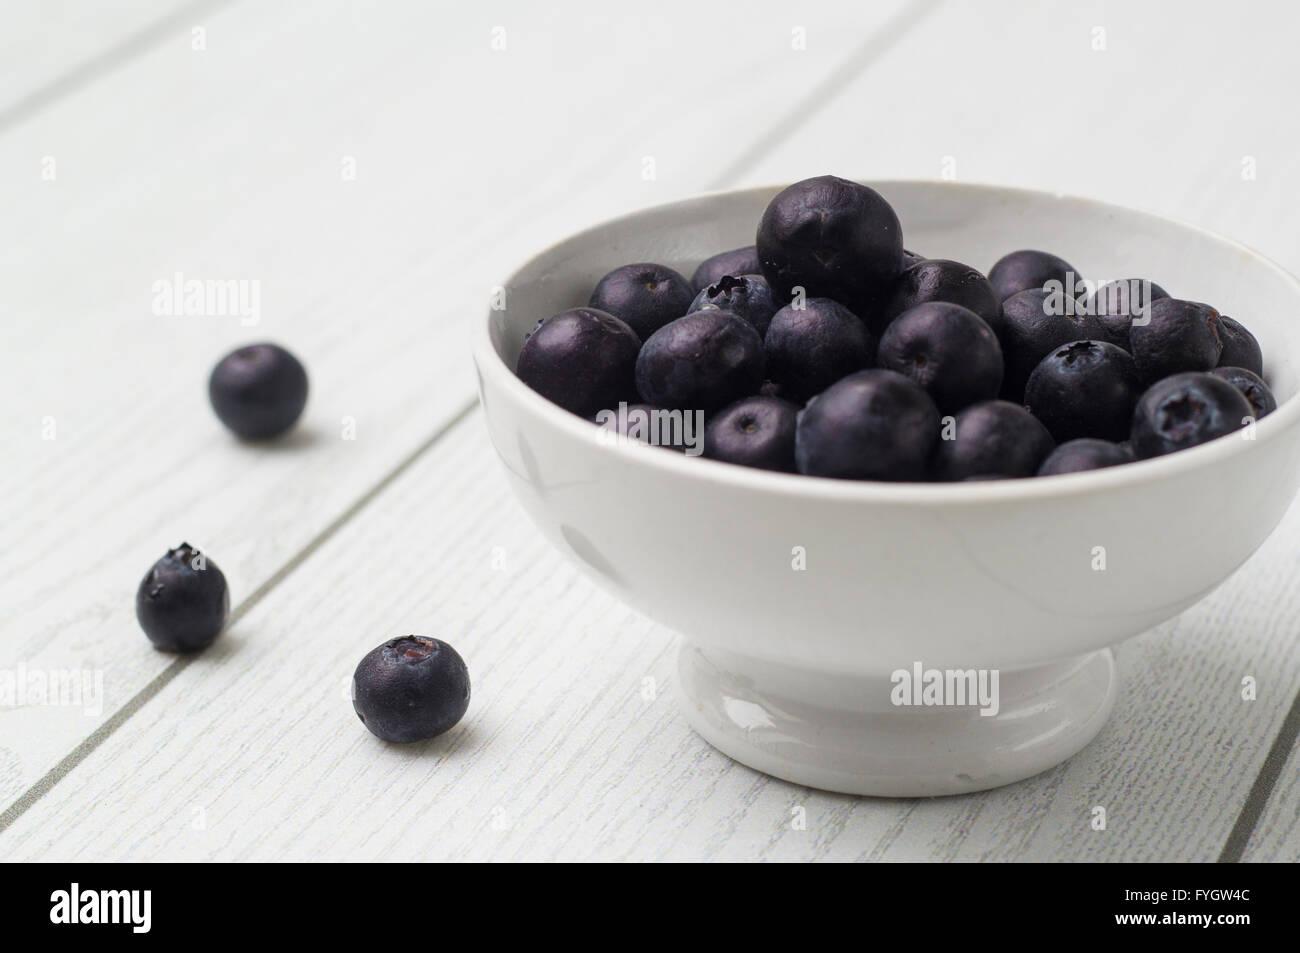 Myrtille bio antioxydant superfood dans un bol concept pour une saine alimentation et de la nutrition Photo Stock